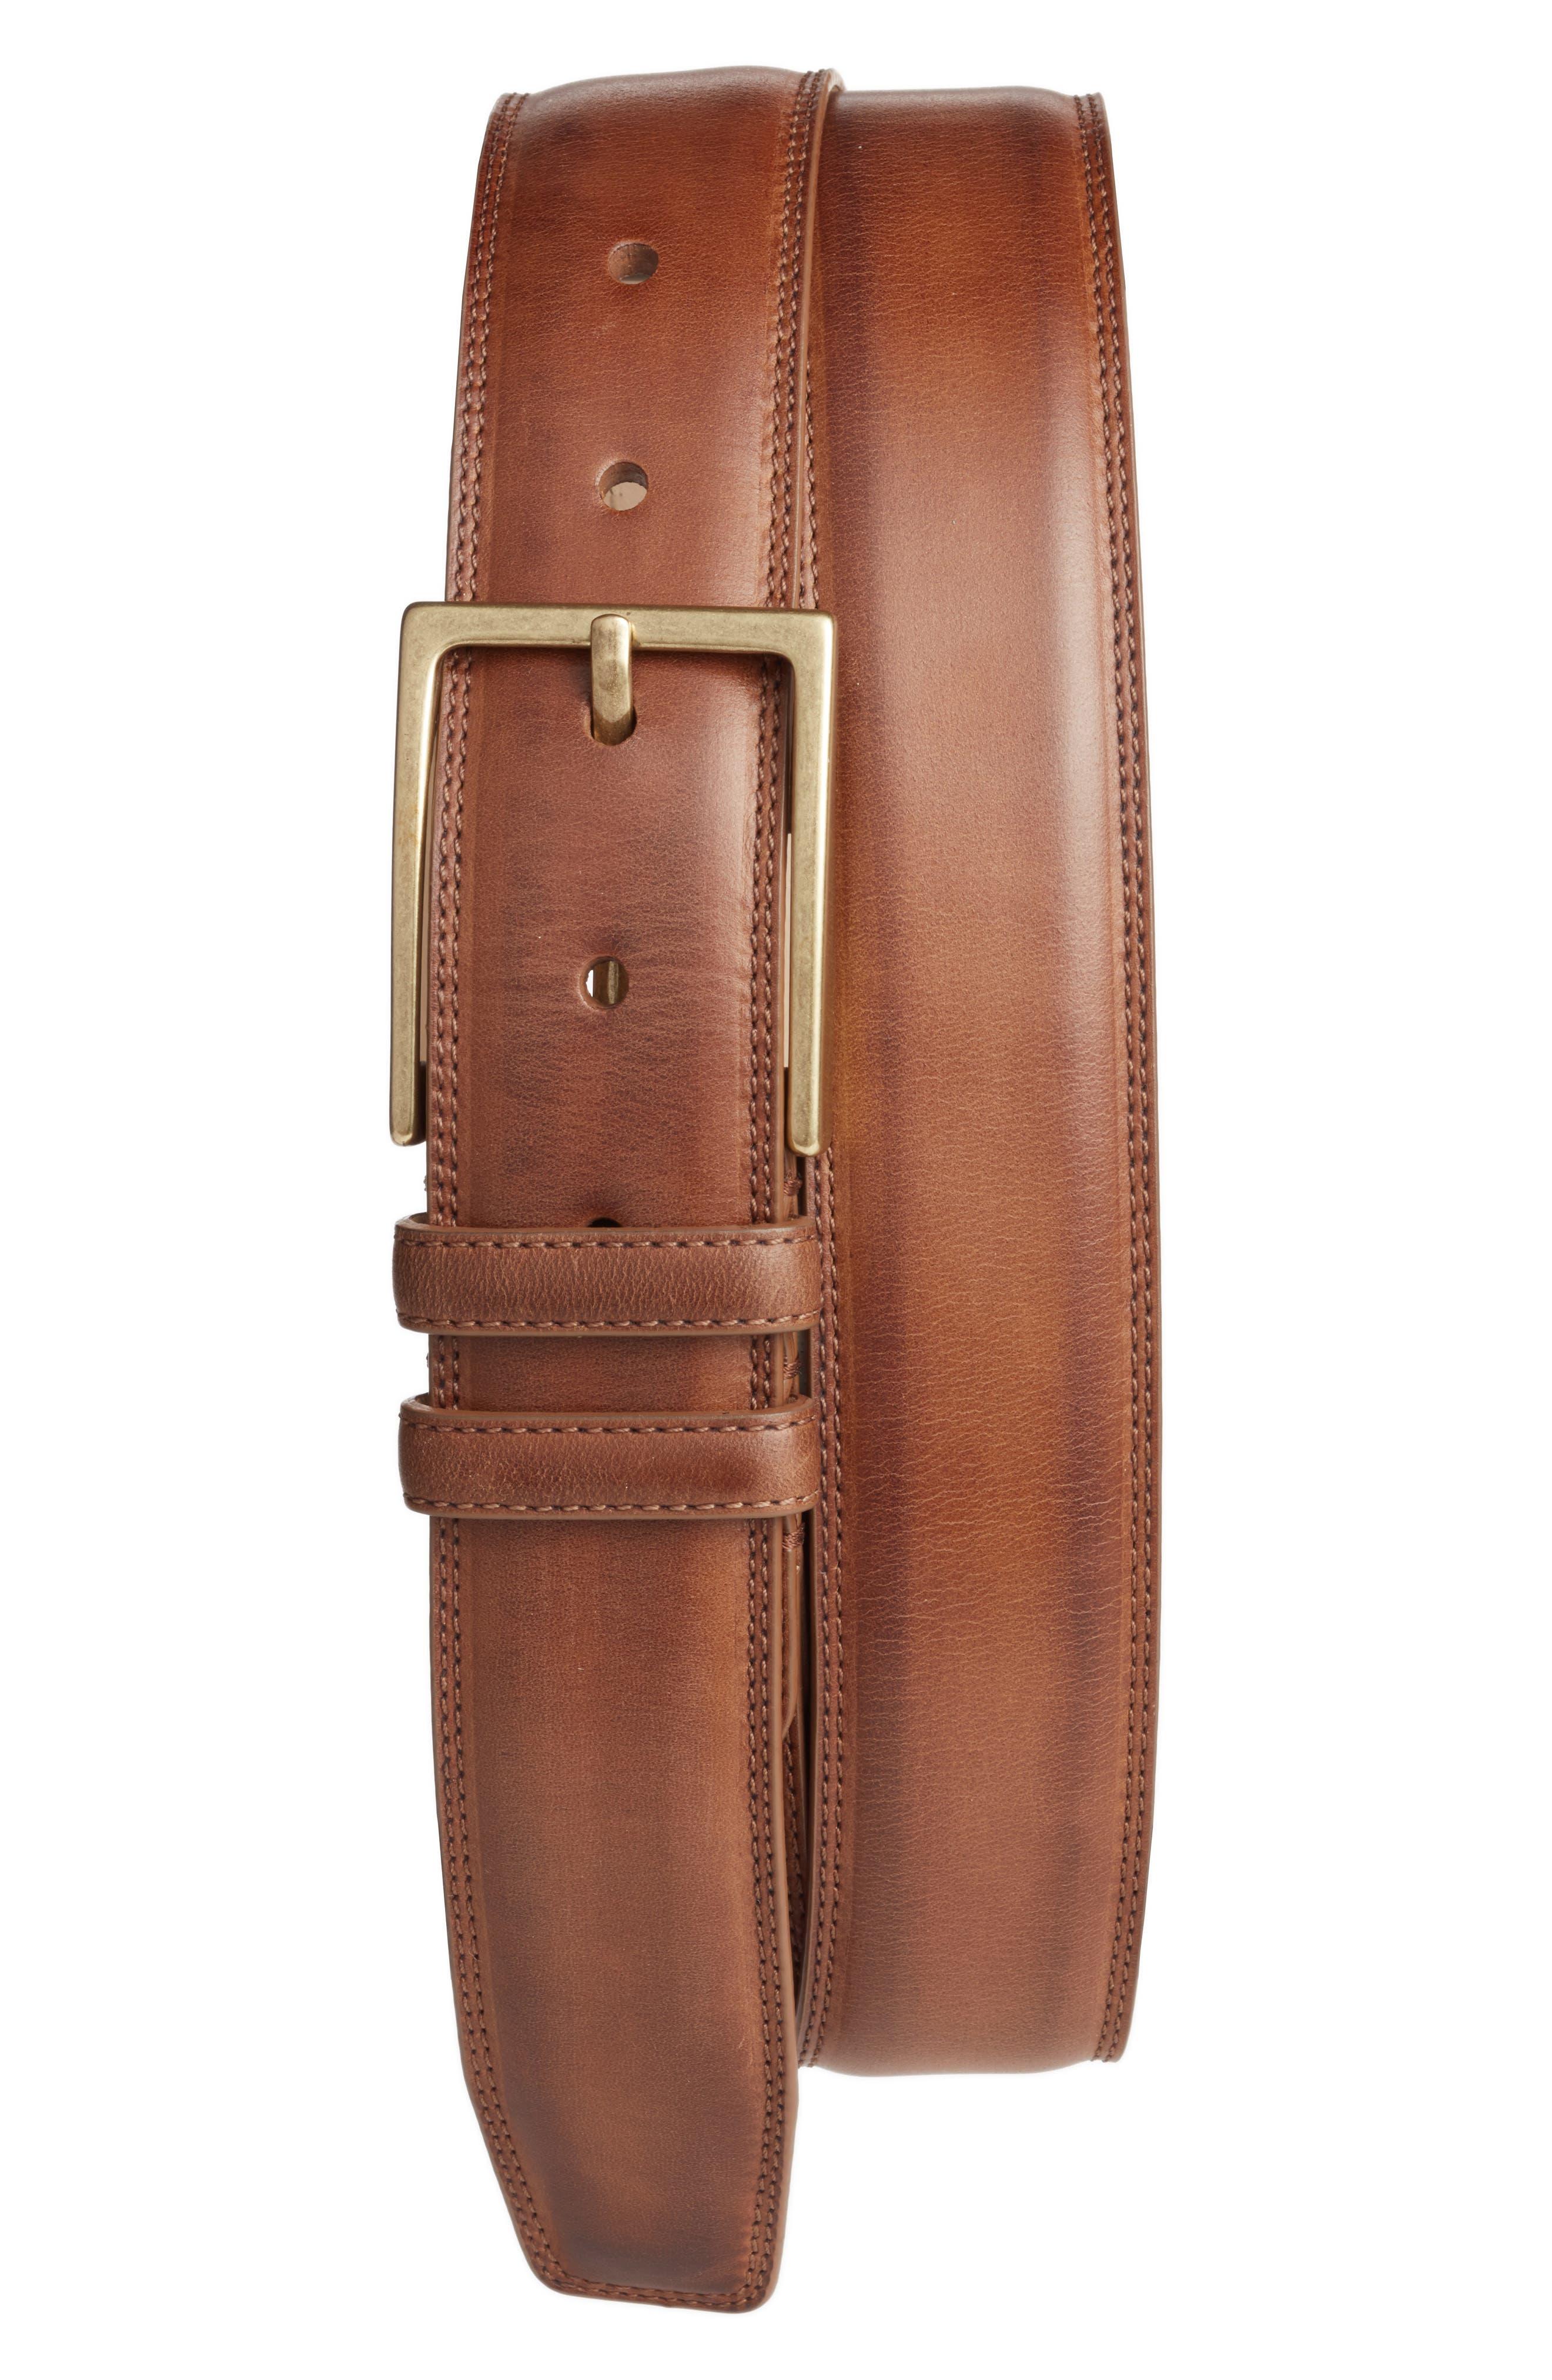 MEZLAN, Nobuk Leather Belt, Main thumbnail 1, color, TAUPE